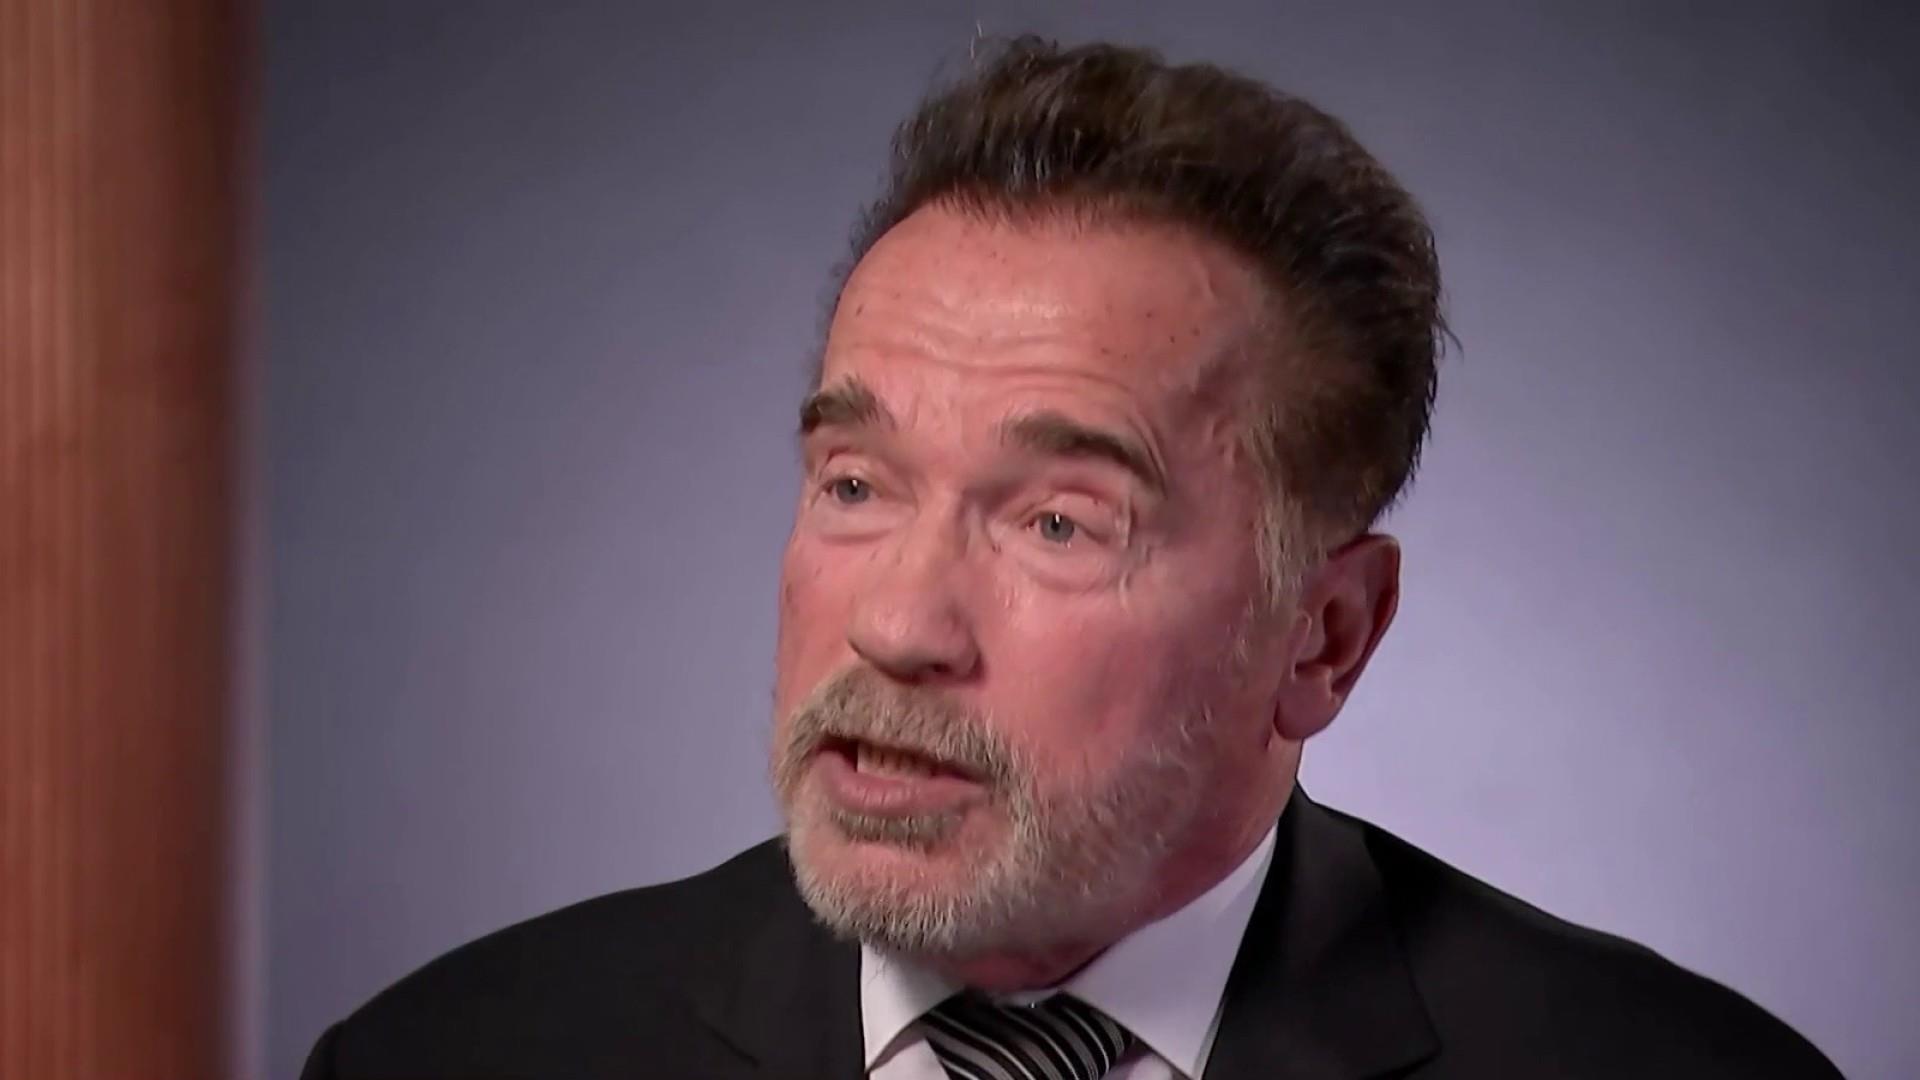 Arnold Schwarzenegger wants to say 'hasta la vista' to gerrymandering